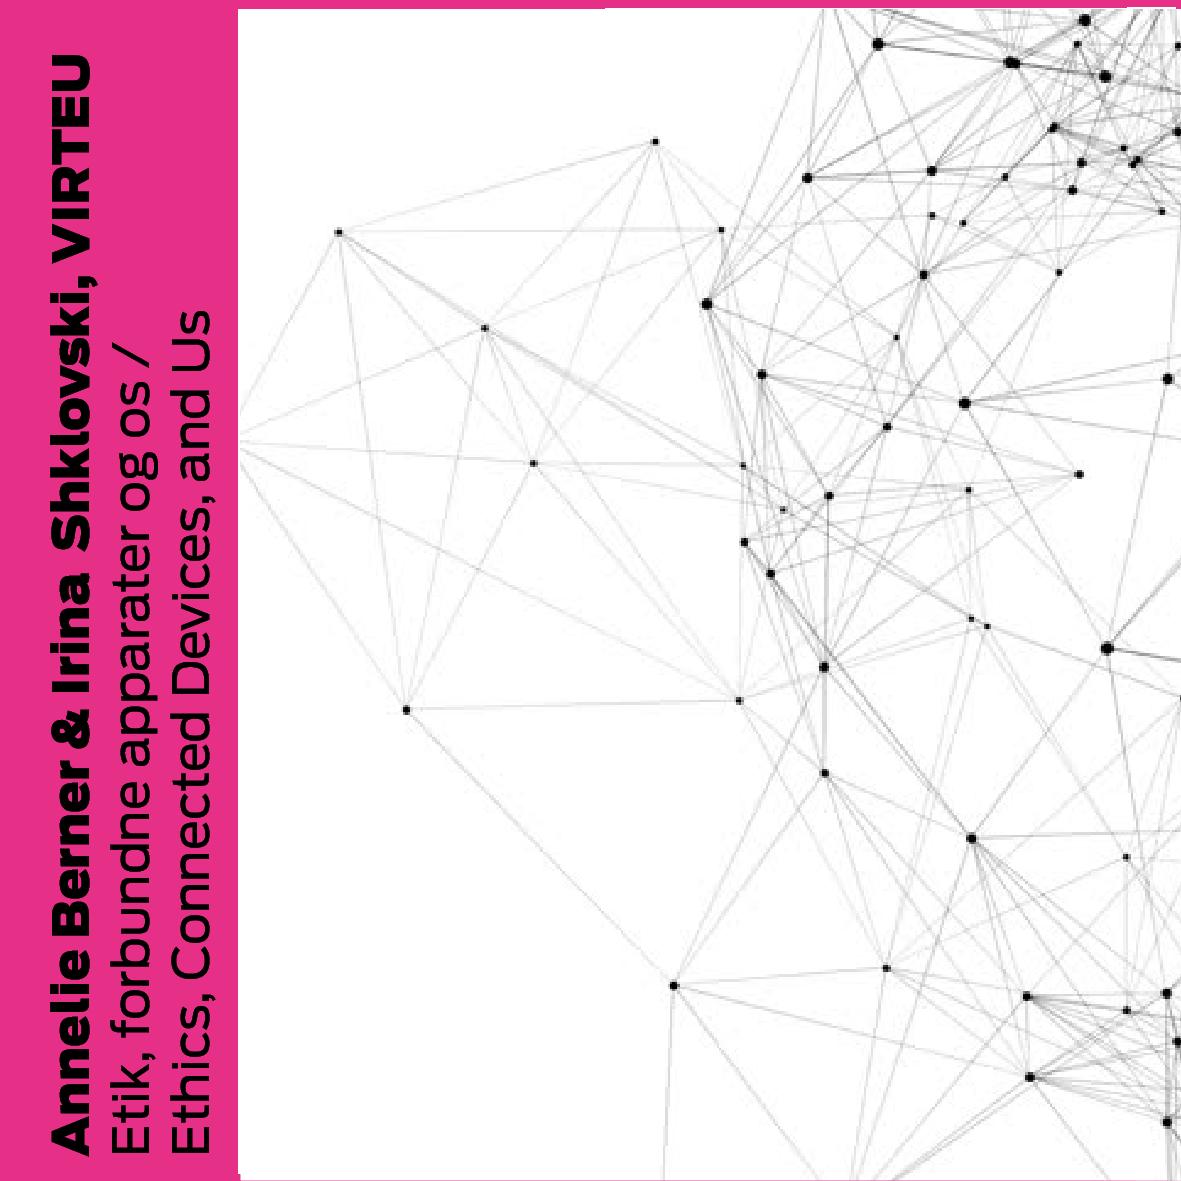 Annelie Berner and Irina Shklovski, VIRTEU (DK): Etik, forbundne apparater og os / Ethics, Connected Devices, and Us